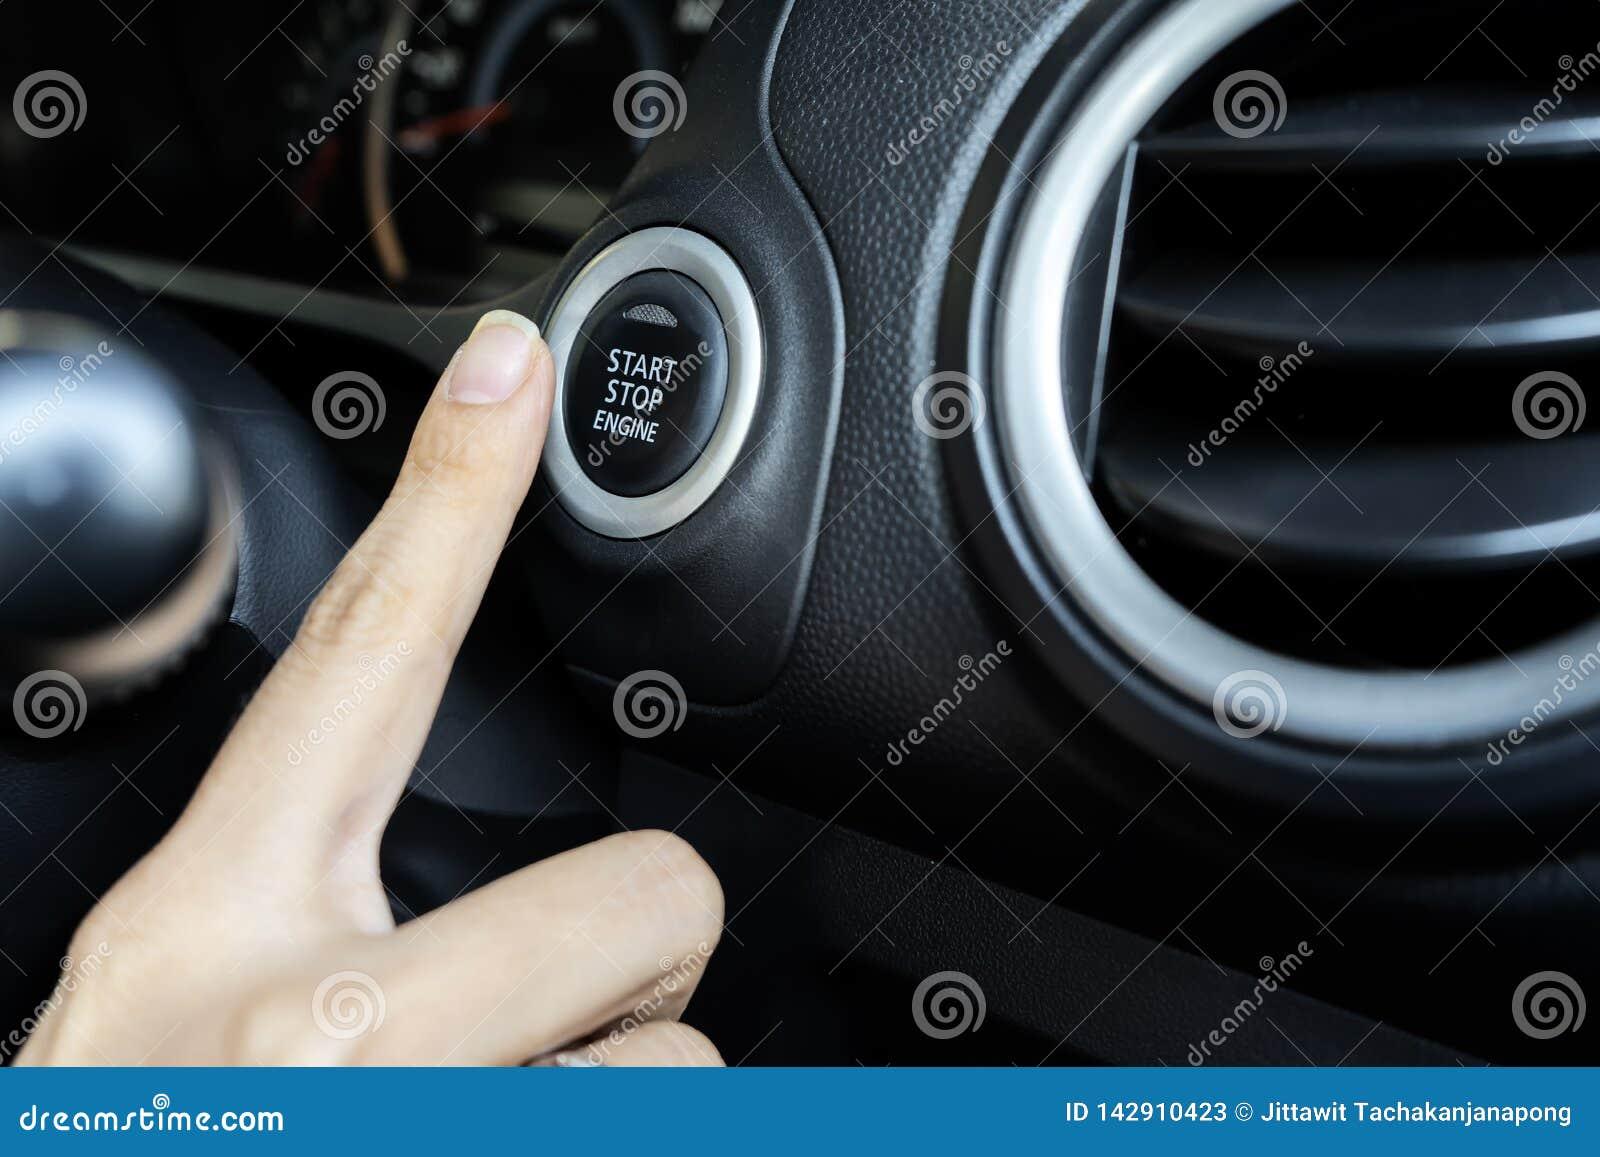 Utilisant le bouton poussoir pour mettre en marche et arrêter le moteur, le doigt de la femme enfonce